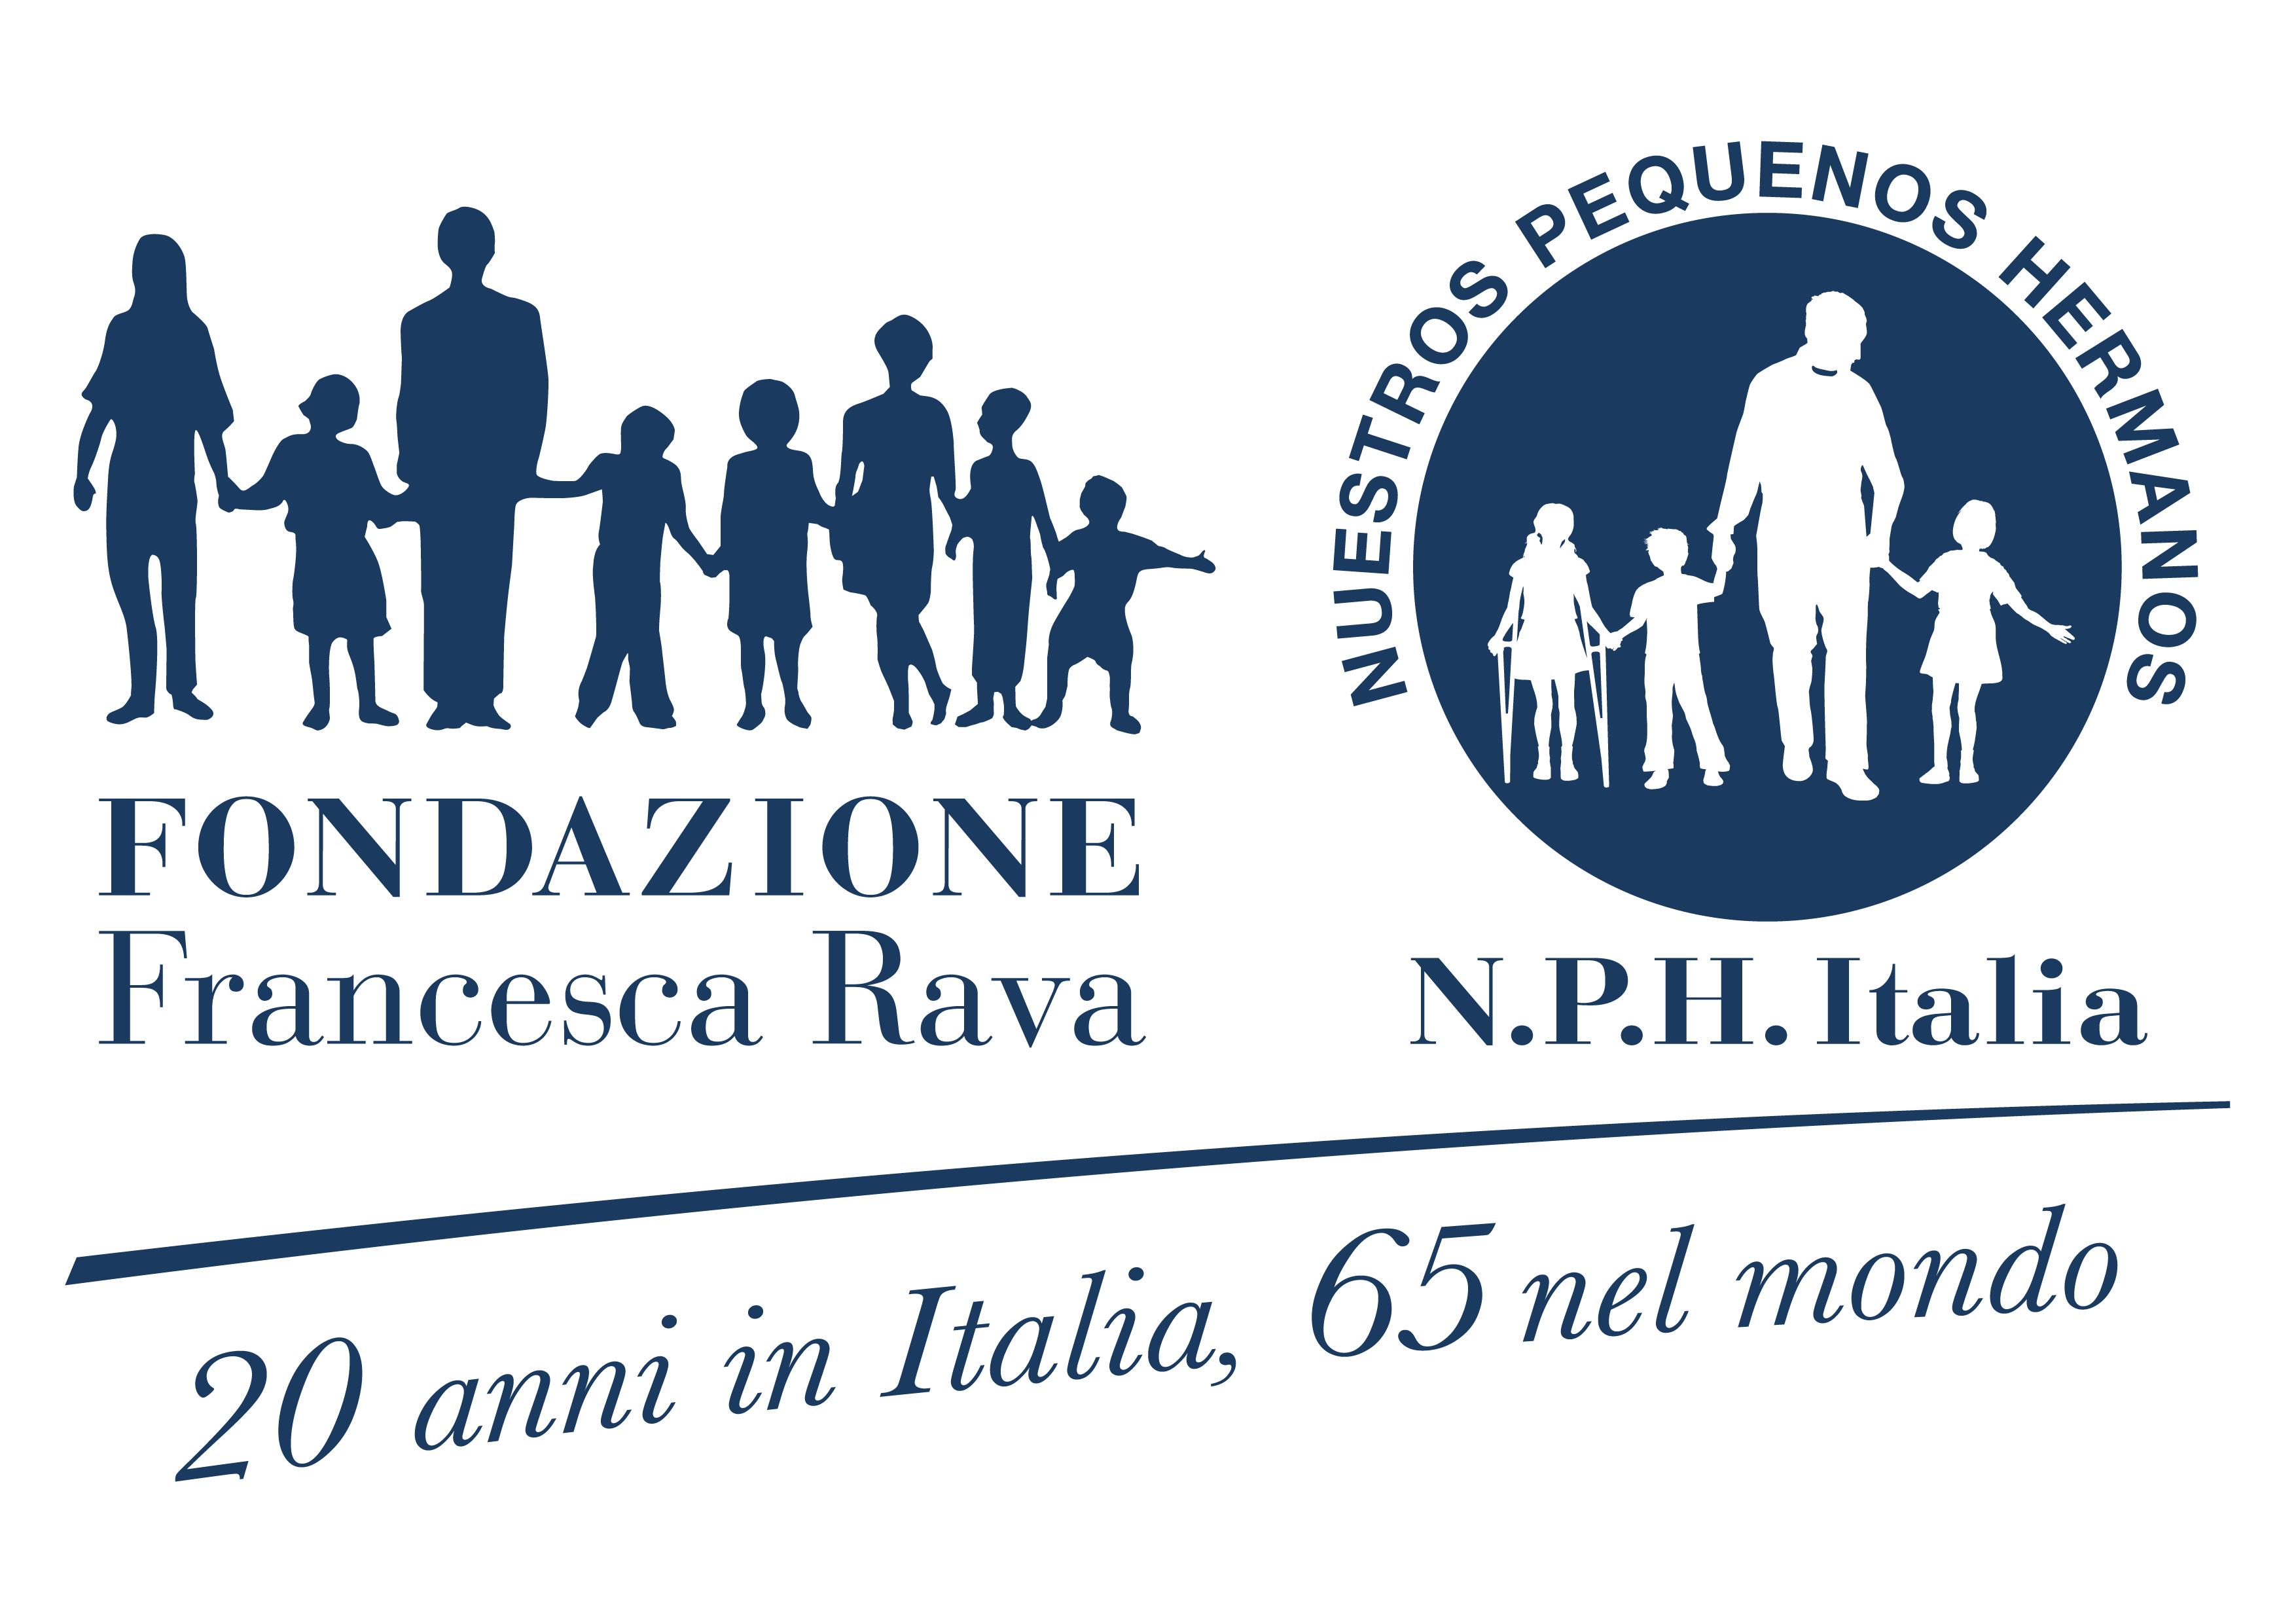 Fondazione Francesca Rava N.P.H. Italia